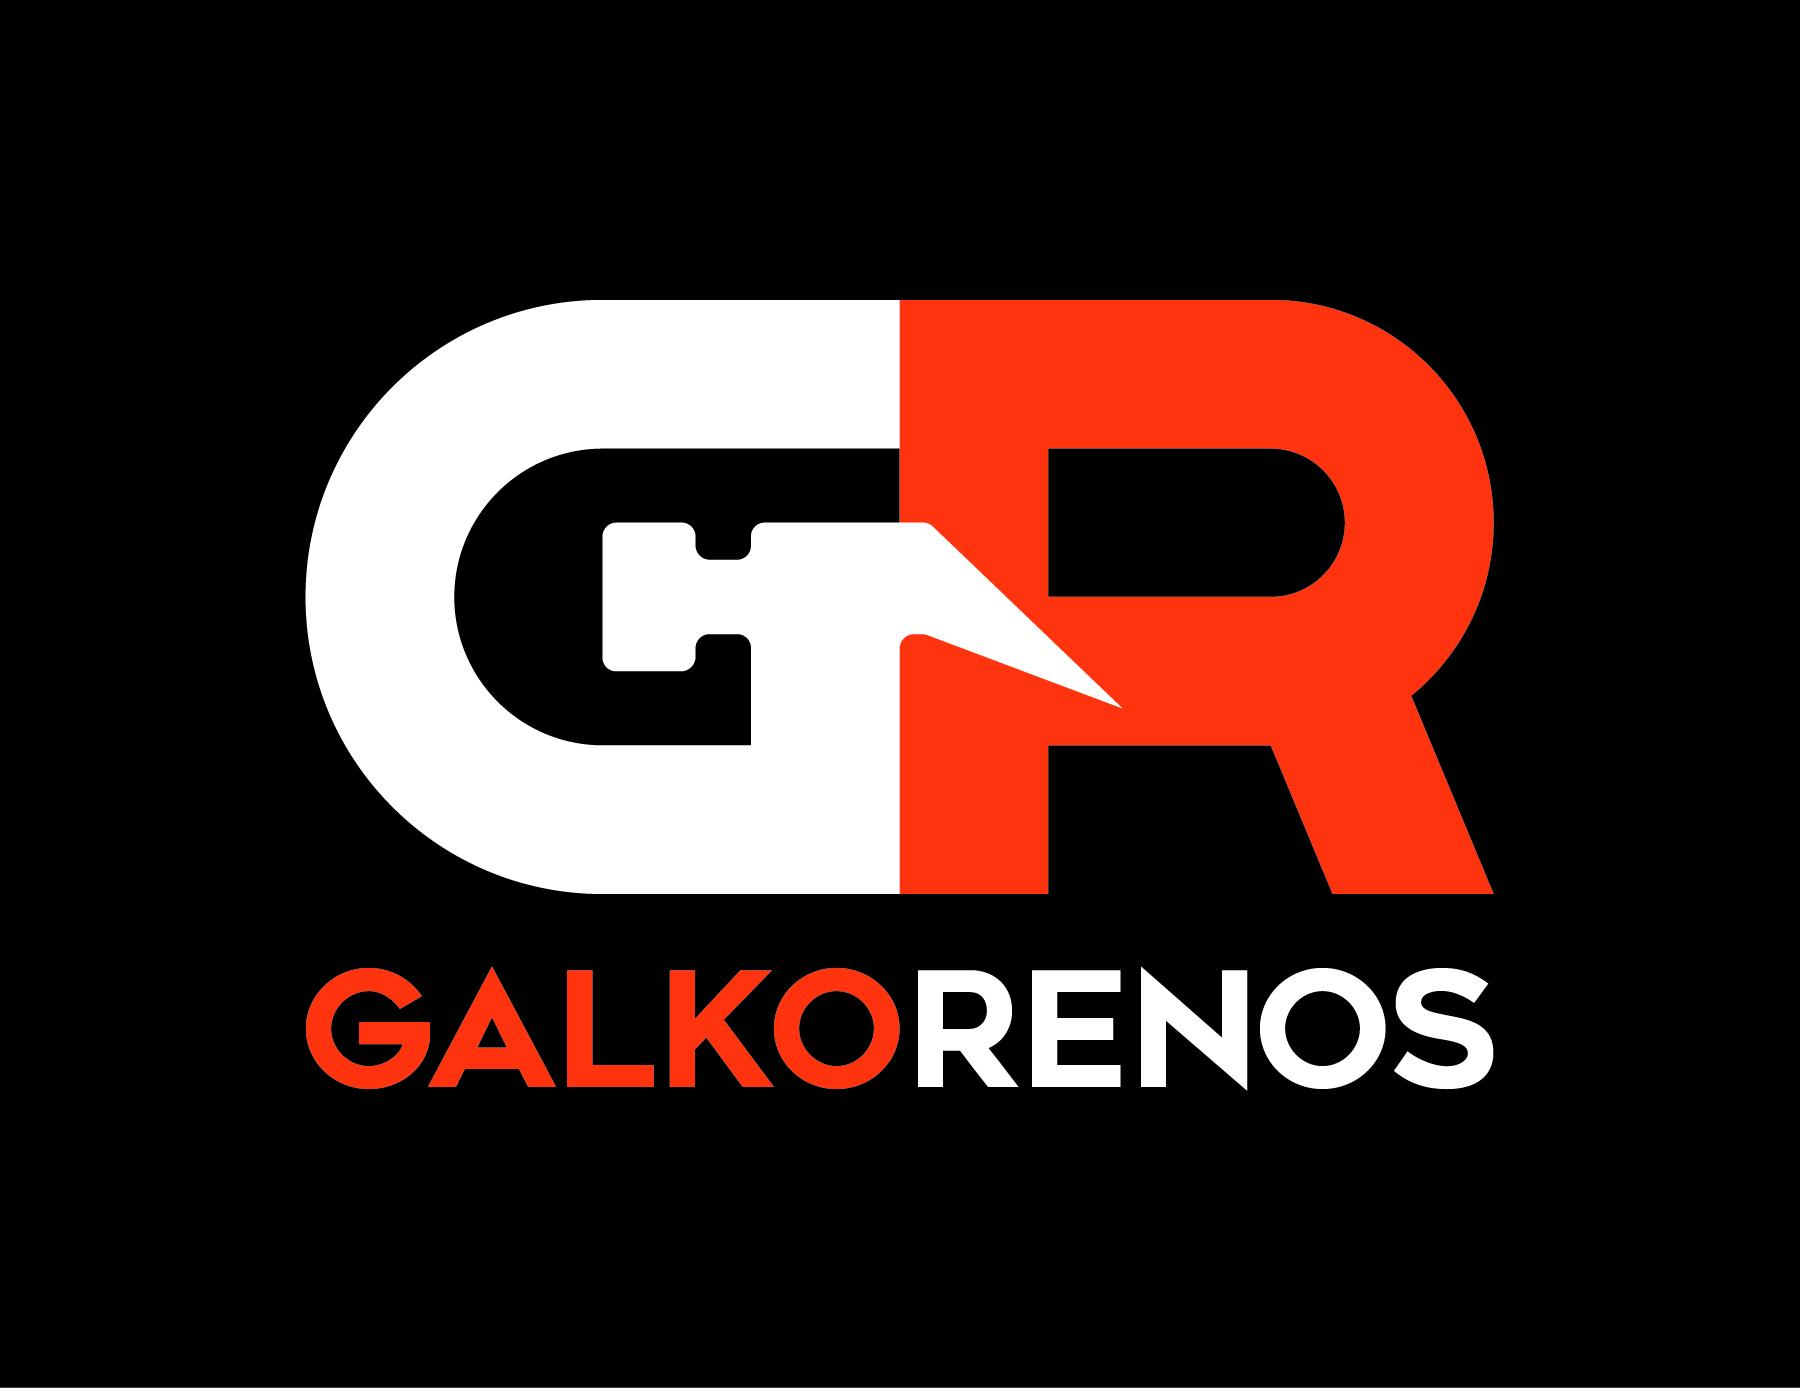 Logo - Galko Renos - Black - CMYK - 300 DPI